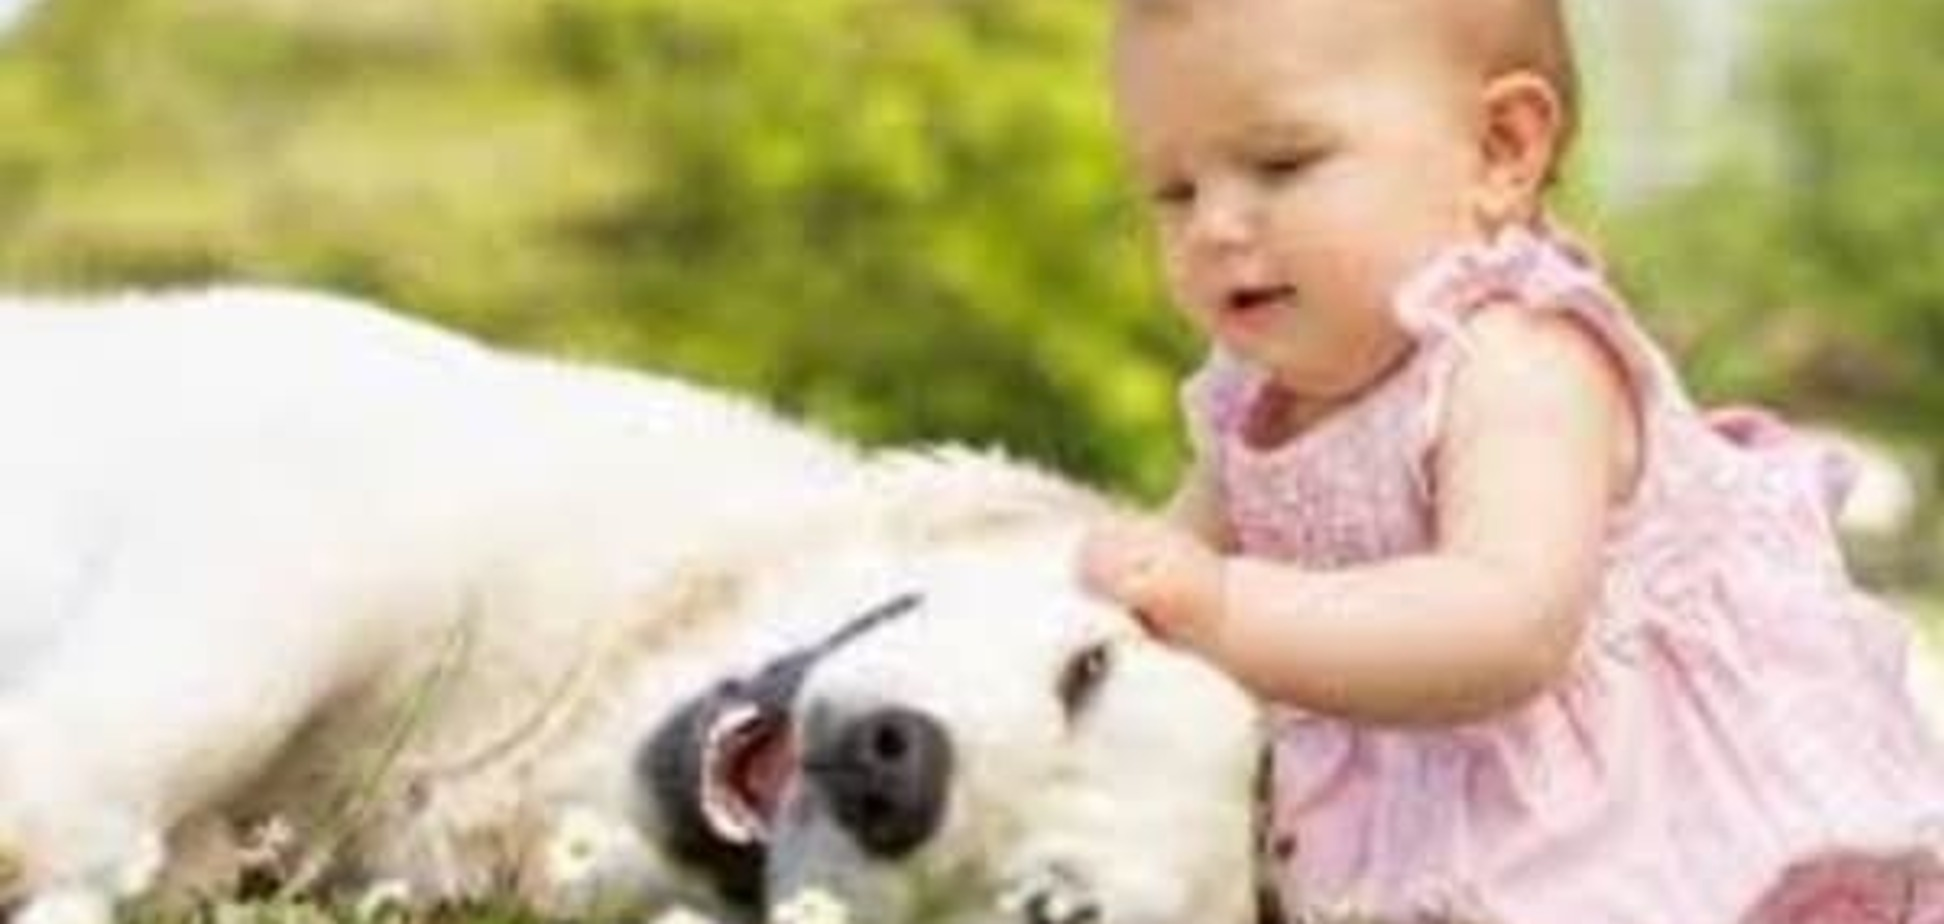 Ребенка укусила собака: что делать?